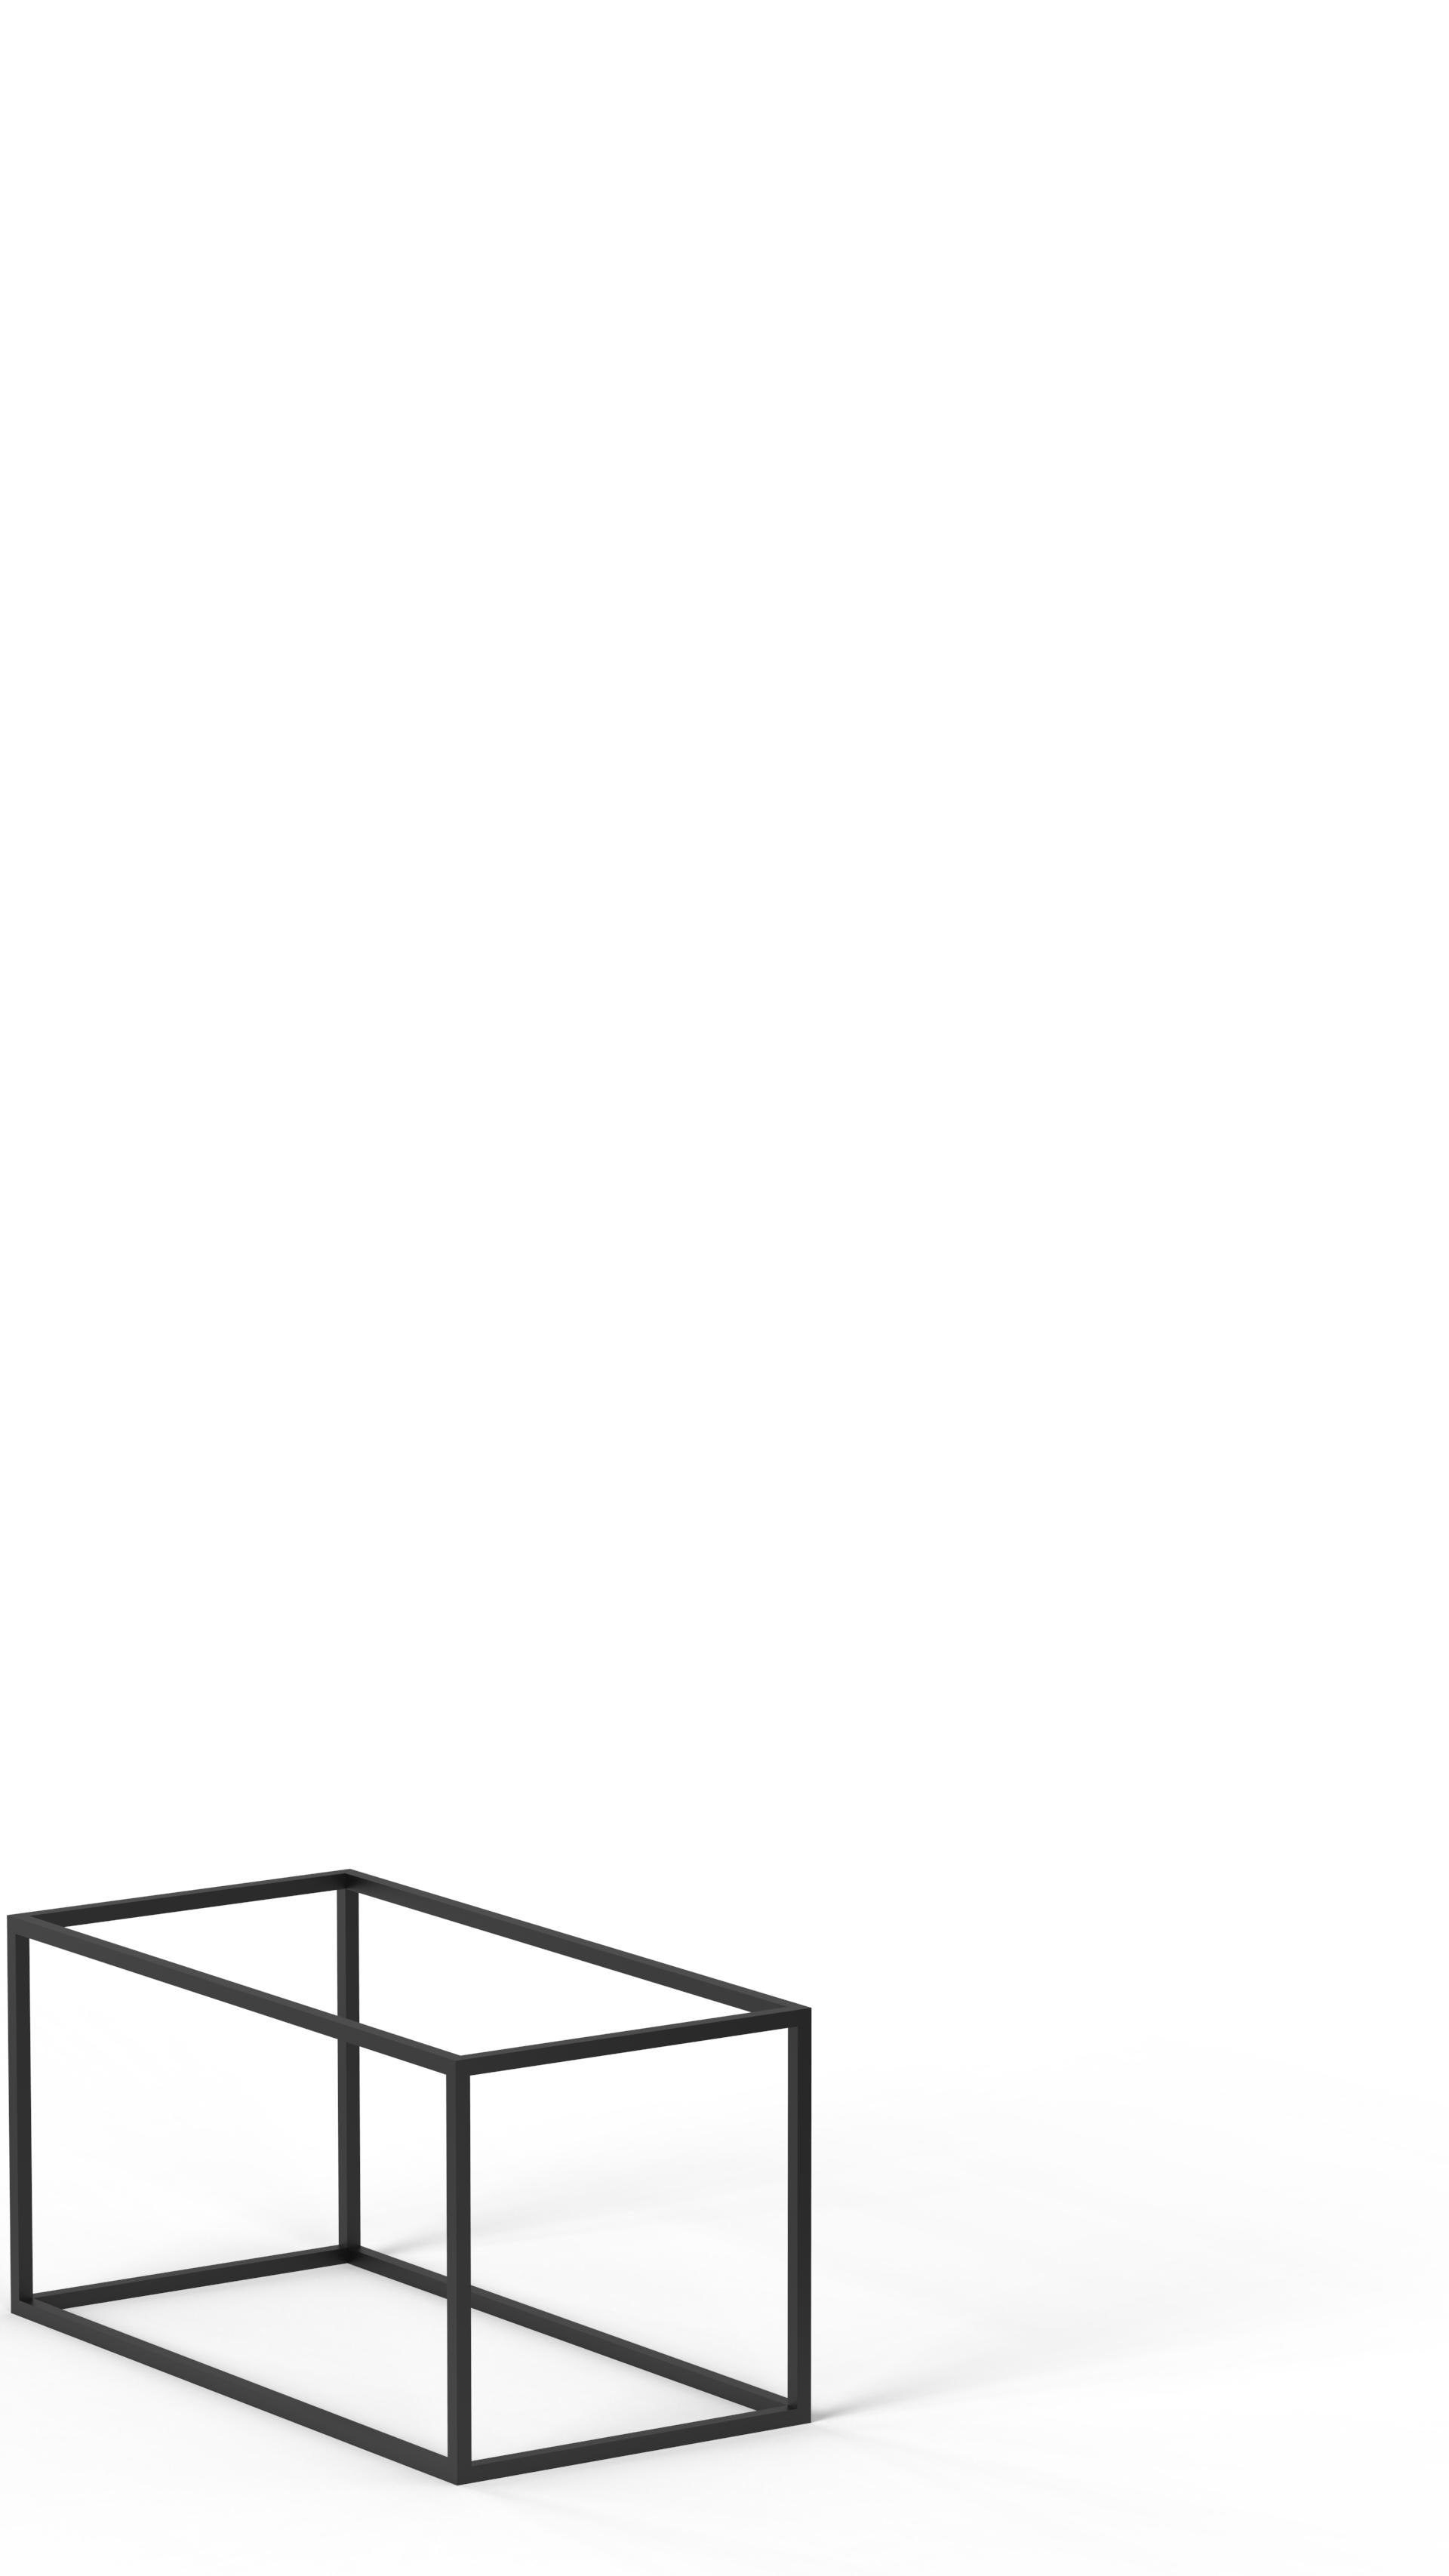 INITCAG40X20 Présentoir plyvalent cage SAINT-HONORÉ PARIS